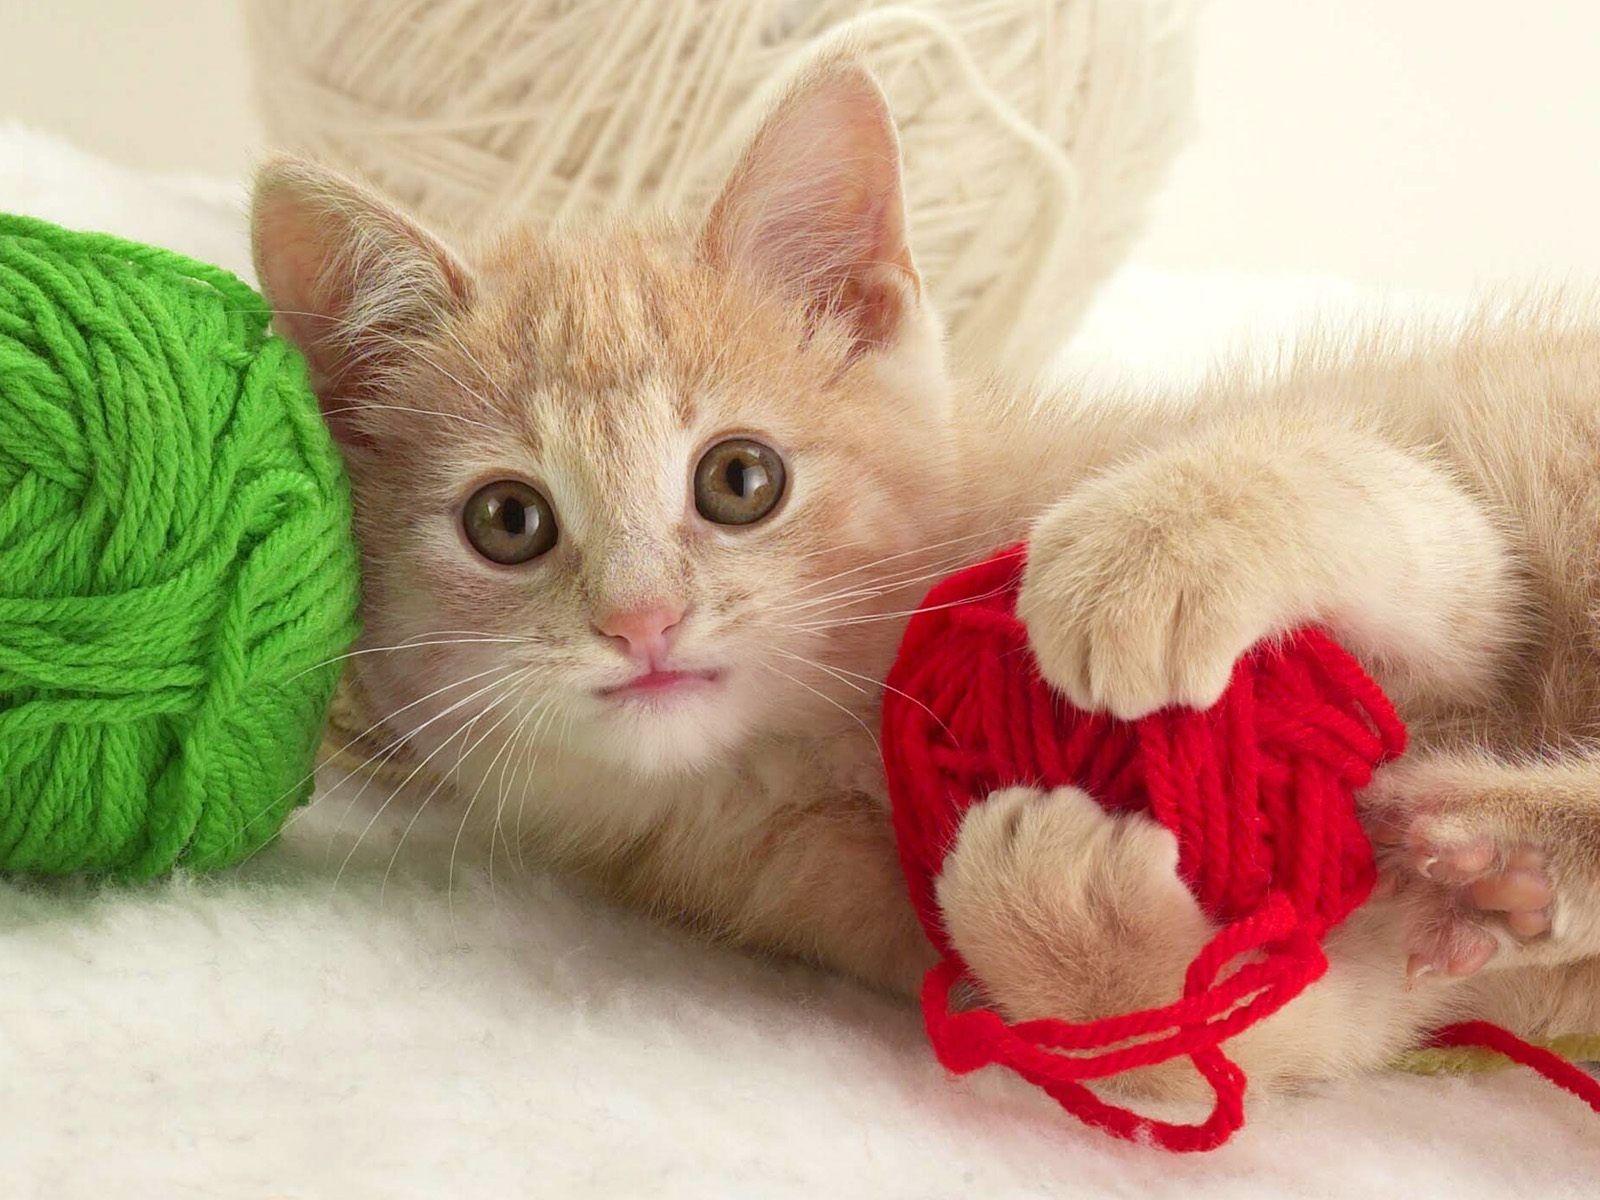 Van Mij Kitten Wallpaper Kittens Cutest Cute Cat Gif